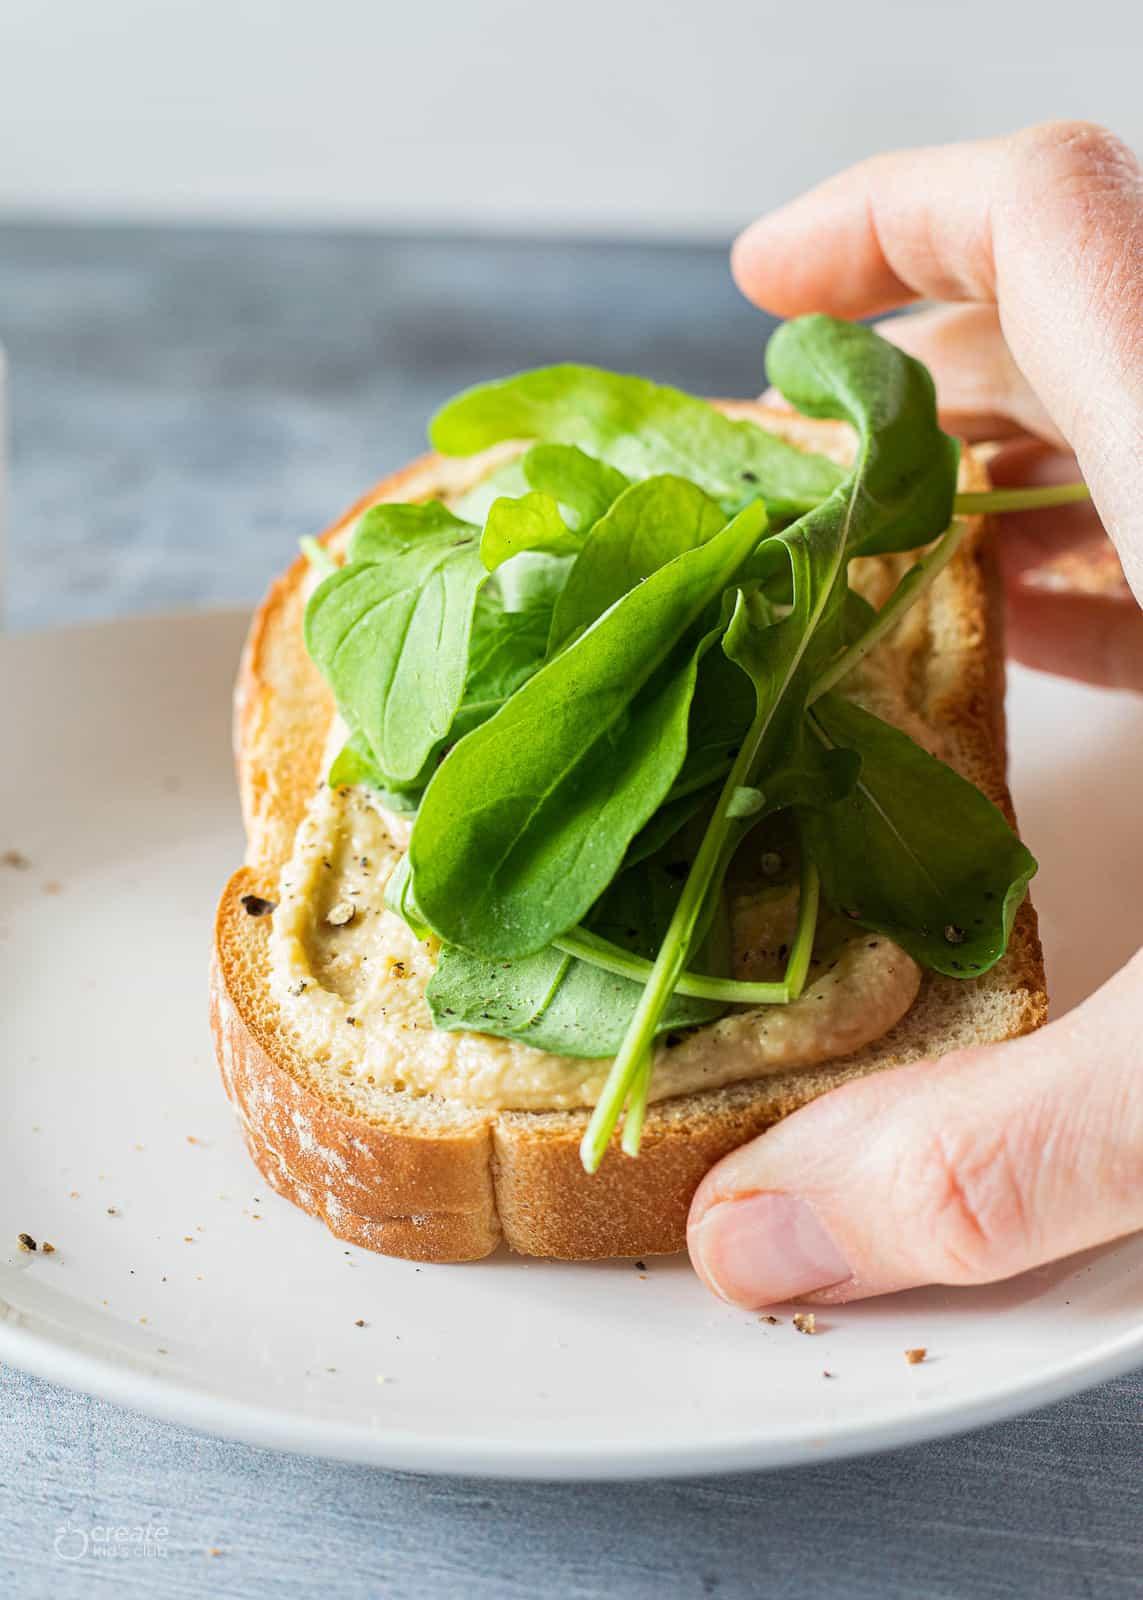 hummus and arugula on toast